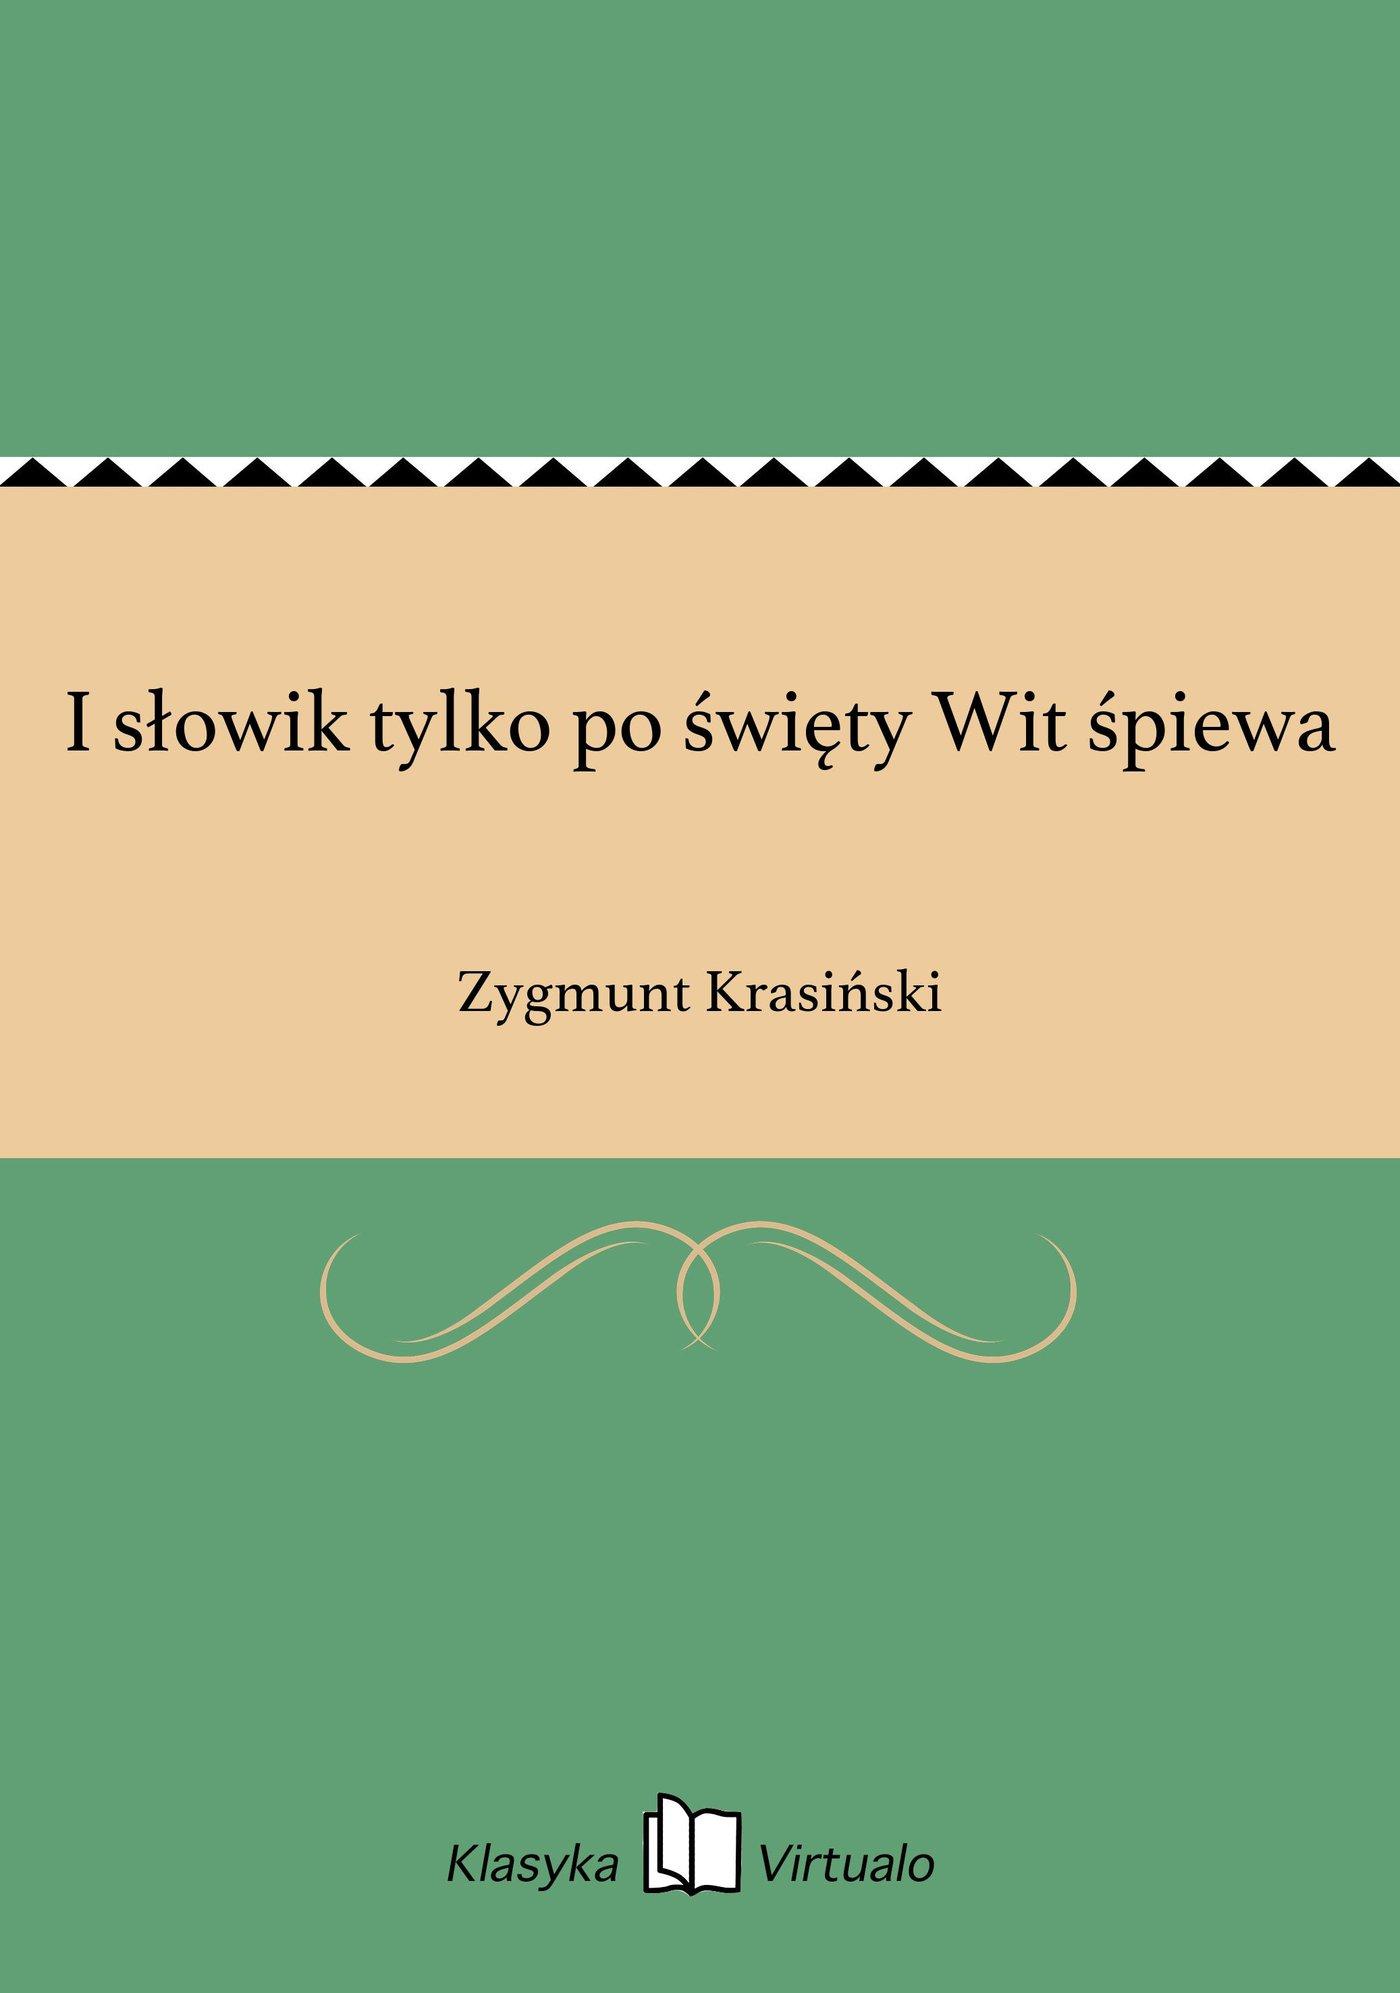 I słowik tylko po święty Wit śpiewa - Ebook (Książka EPUB) do pobrania w formacie EPUB